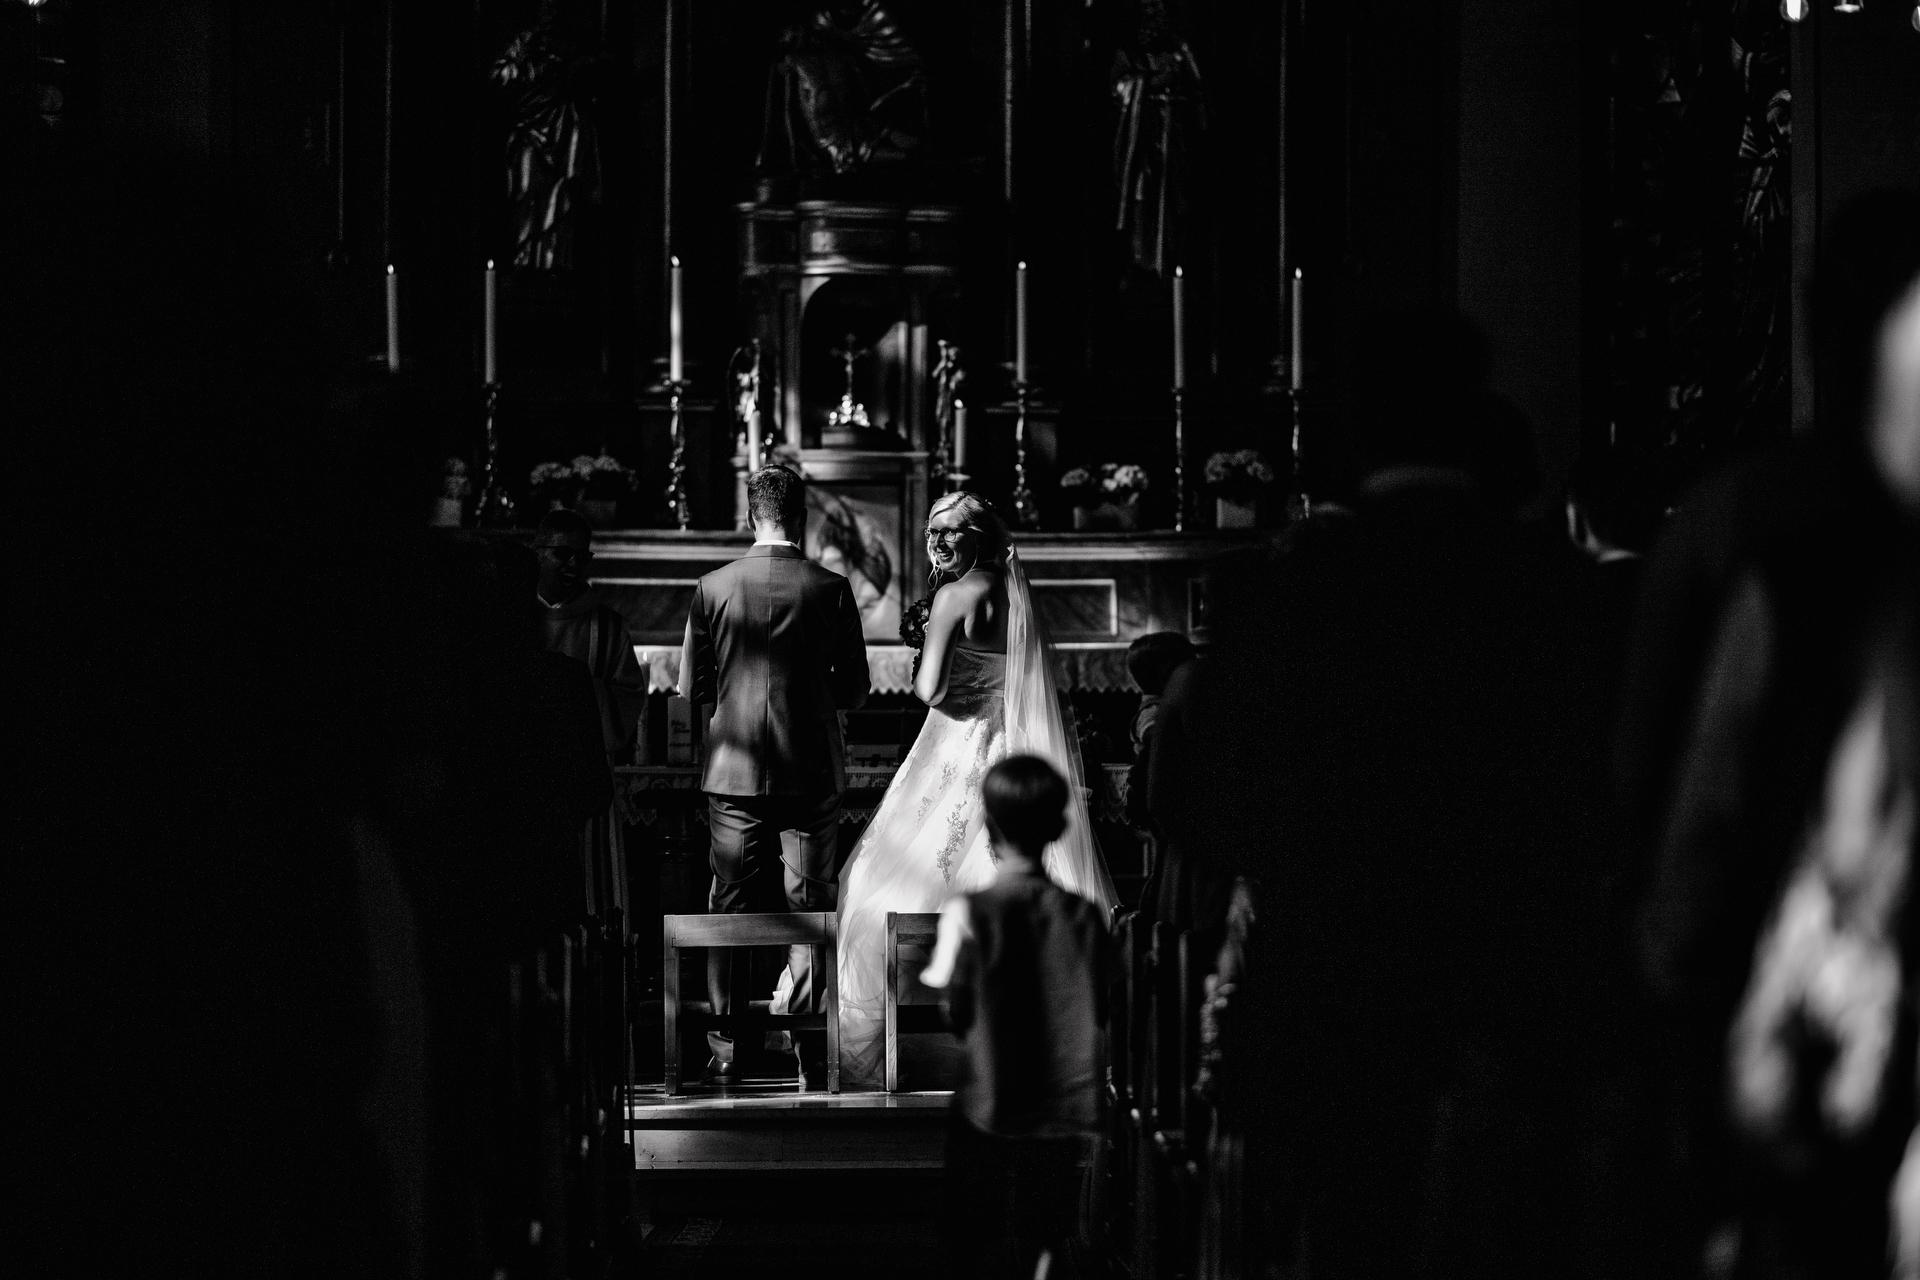 Hzt-Julia-Johannes-Kirche-08-2018-056